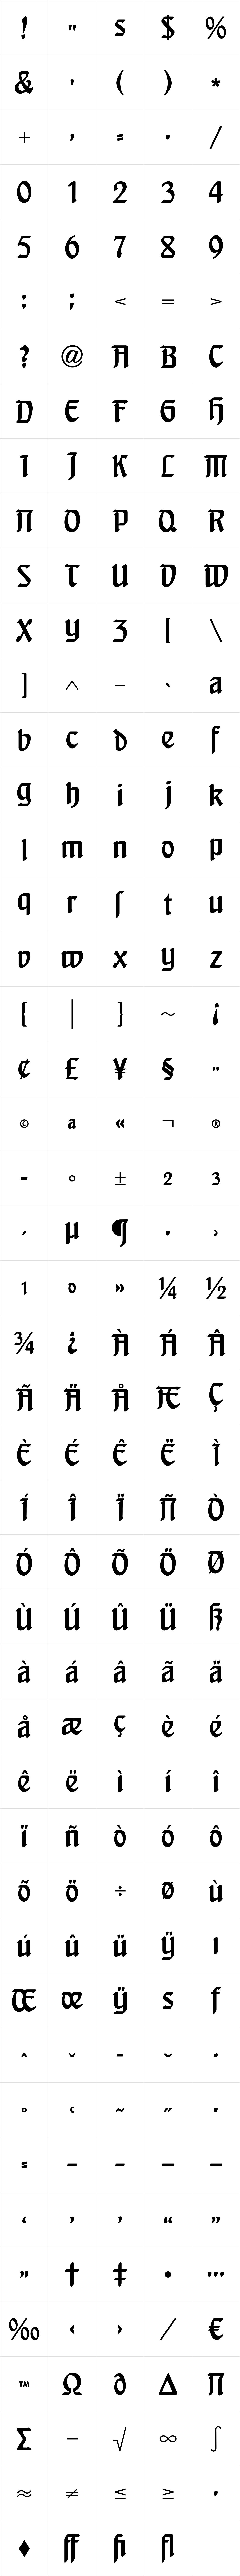 Behrensschrift D